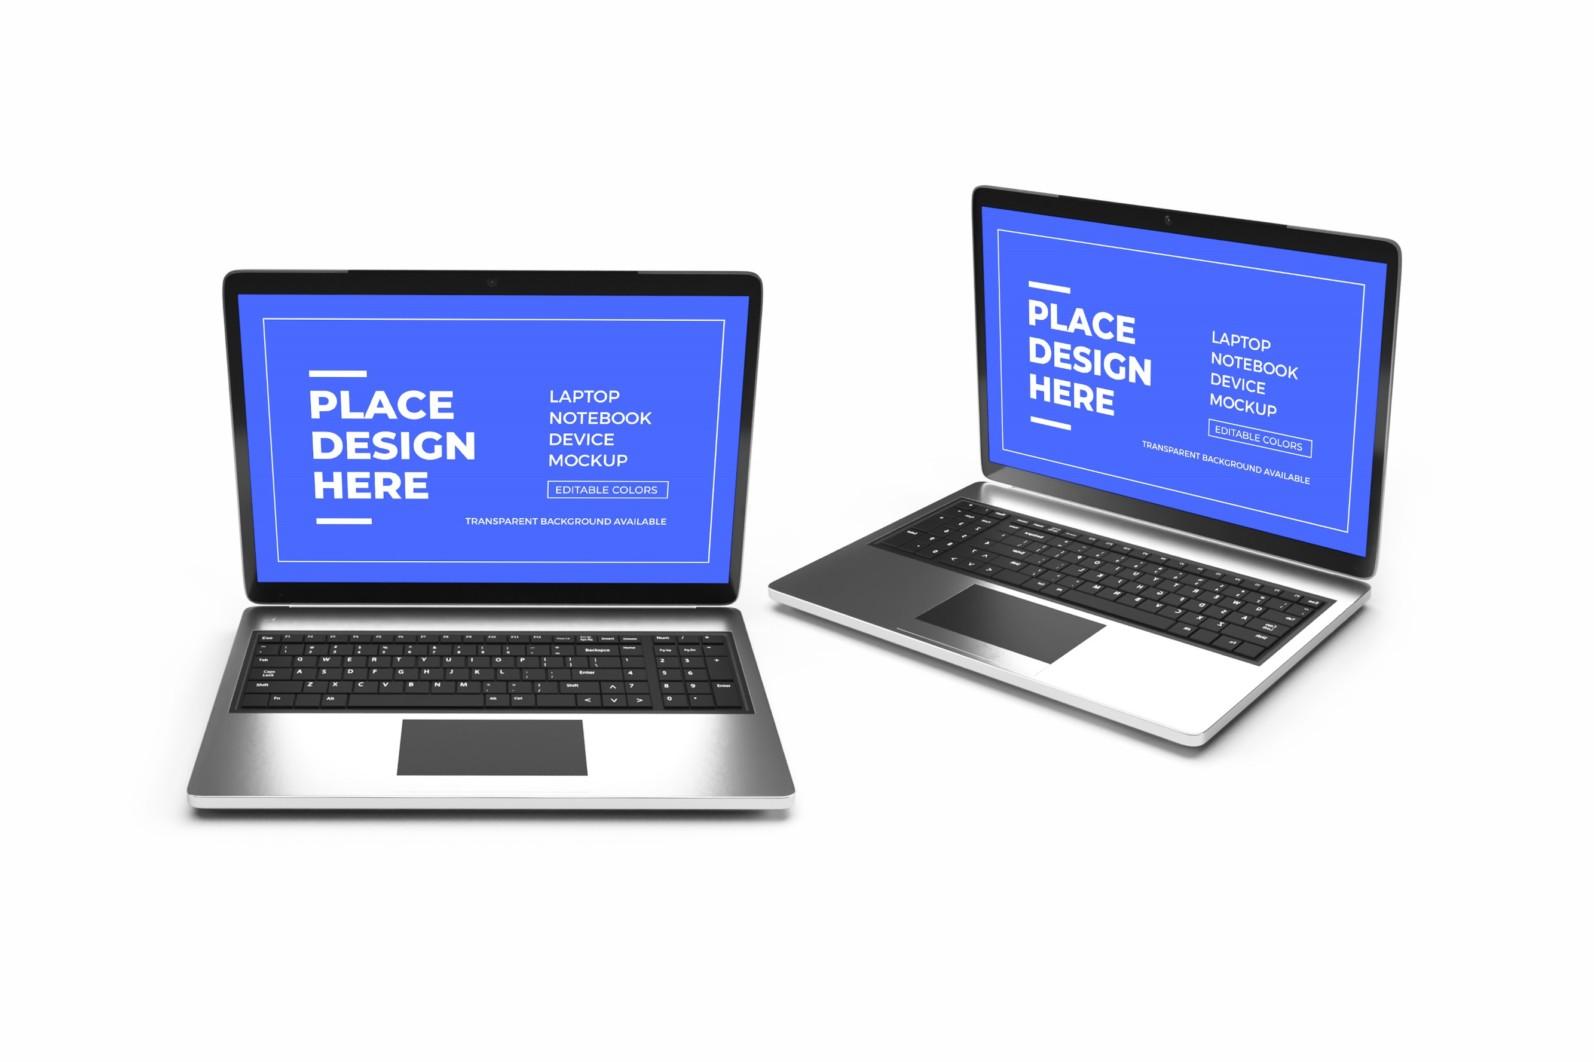 Laptop Notebook Device 3D Mockup Bundle 2 - 05 20 scaled -